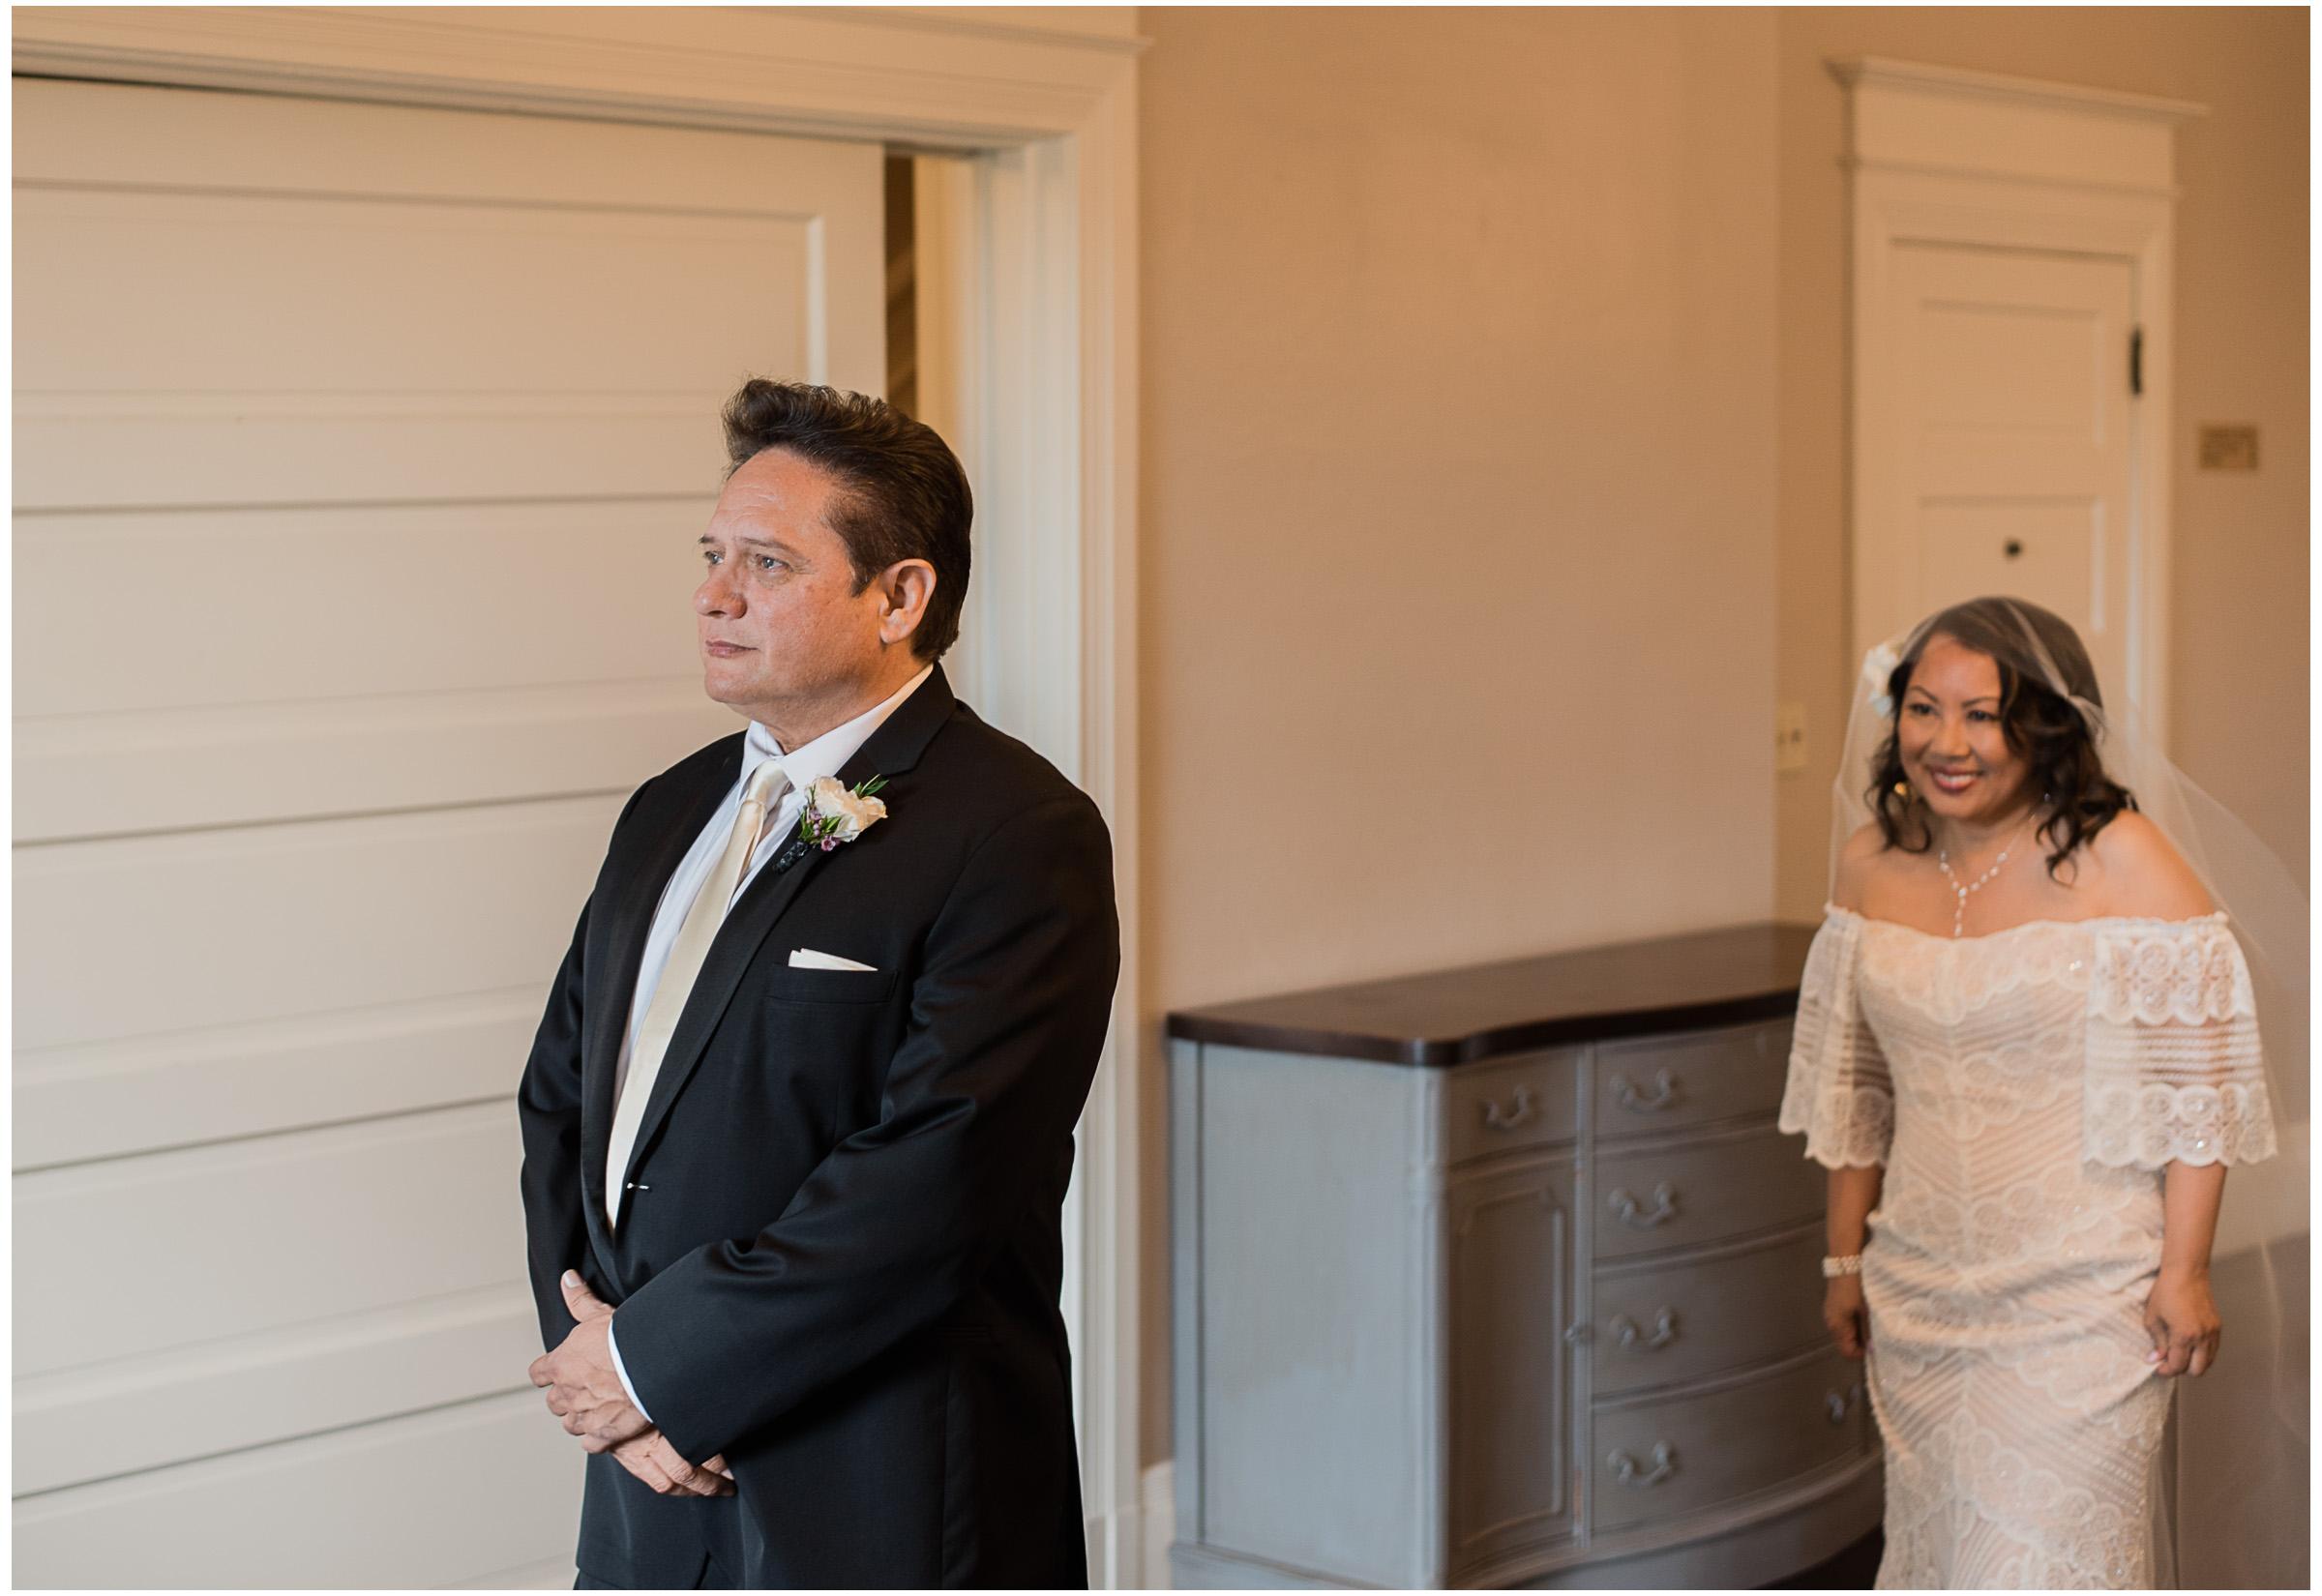 Sacramento Wedding - Sacramento Photographer - Vizcaya - Justin Wilcox Photography - 7.jpg